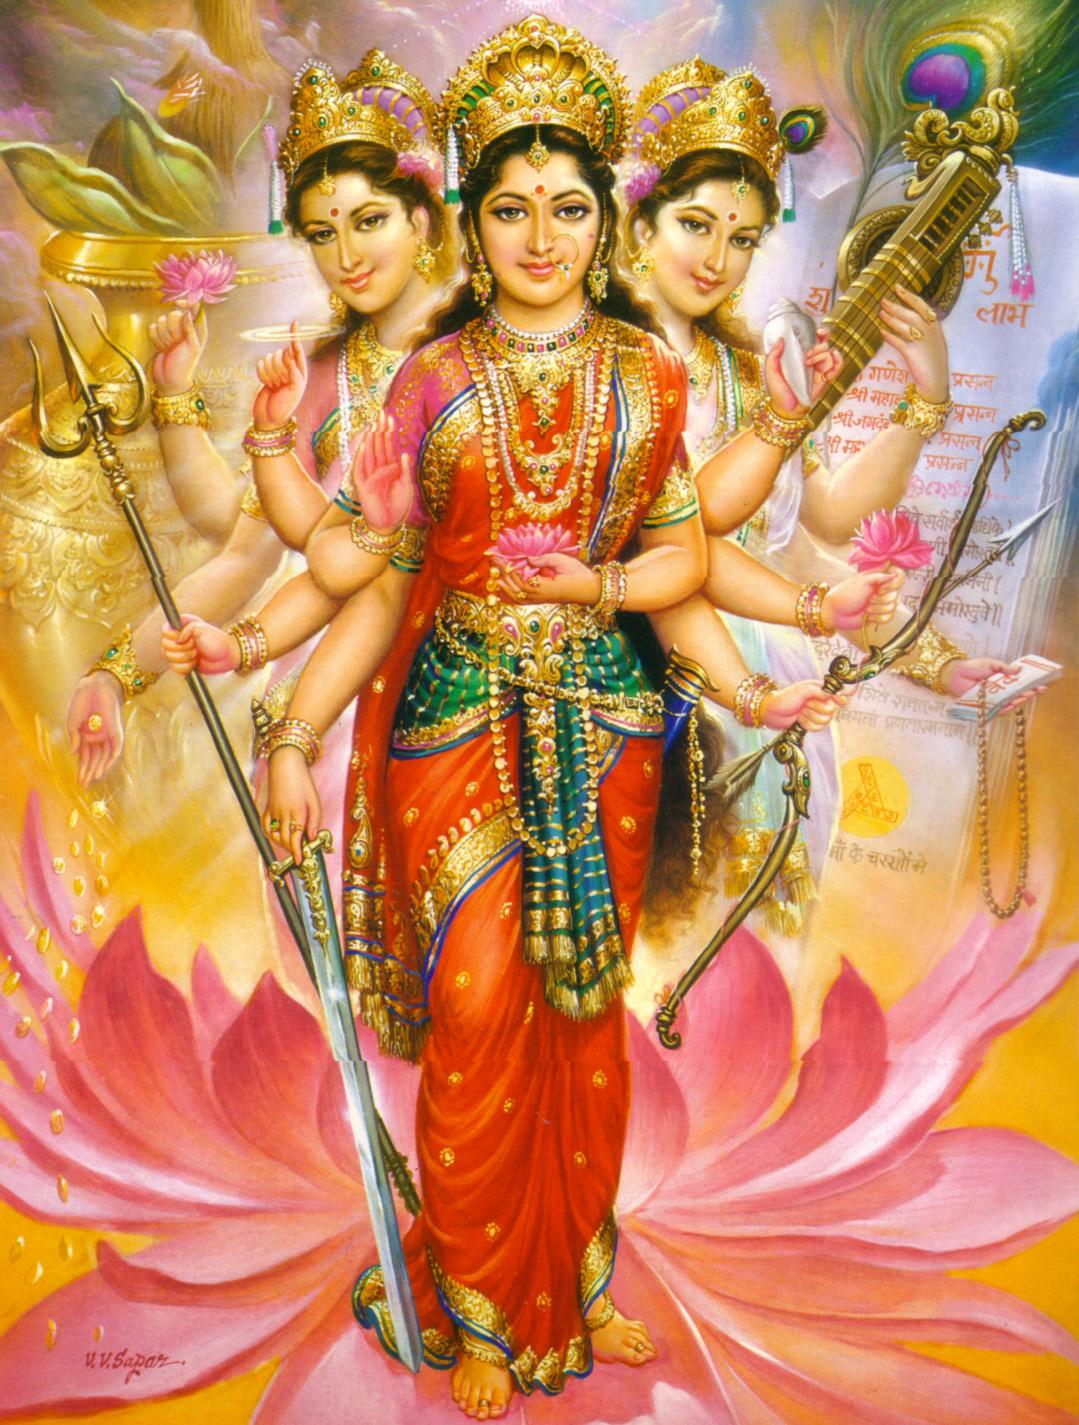 Lakshmi Wife of Vishnu Pic Avatars of Lakshmi Vishnu